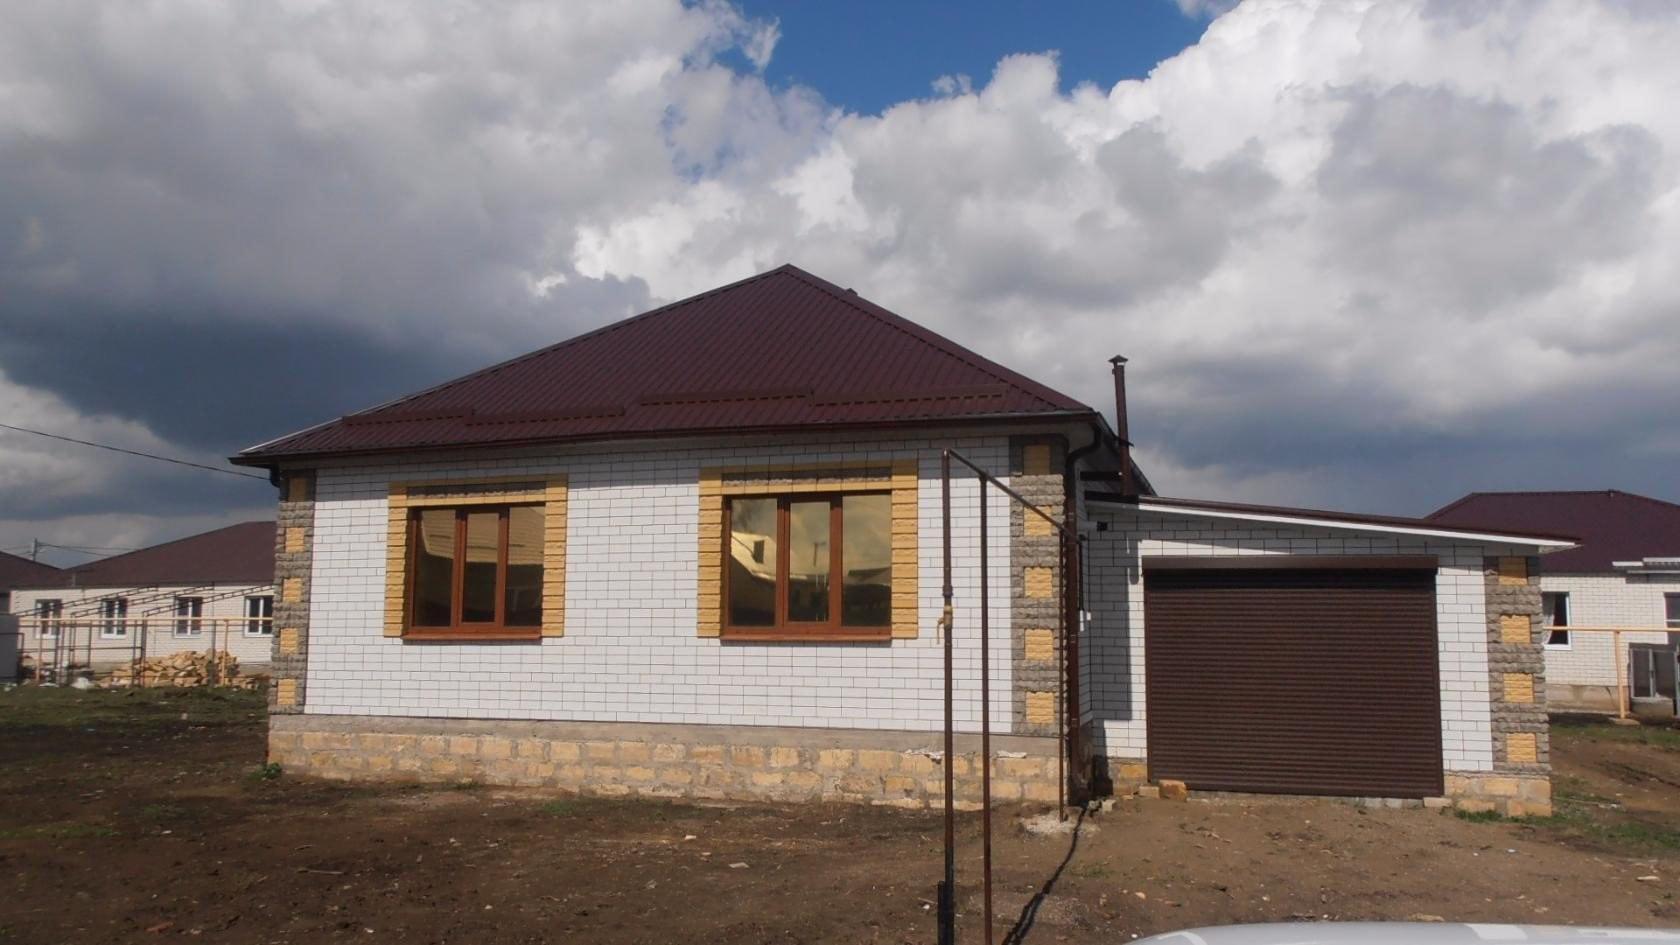 продаю дом в михайловске ставропольского края с фото